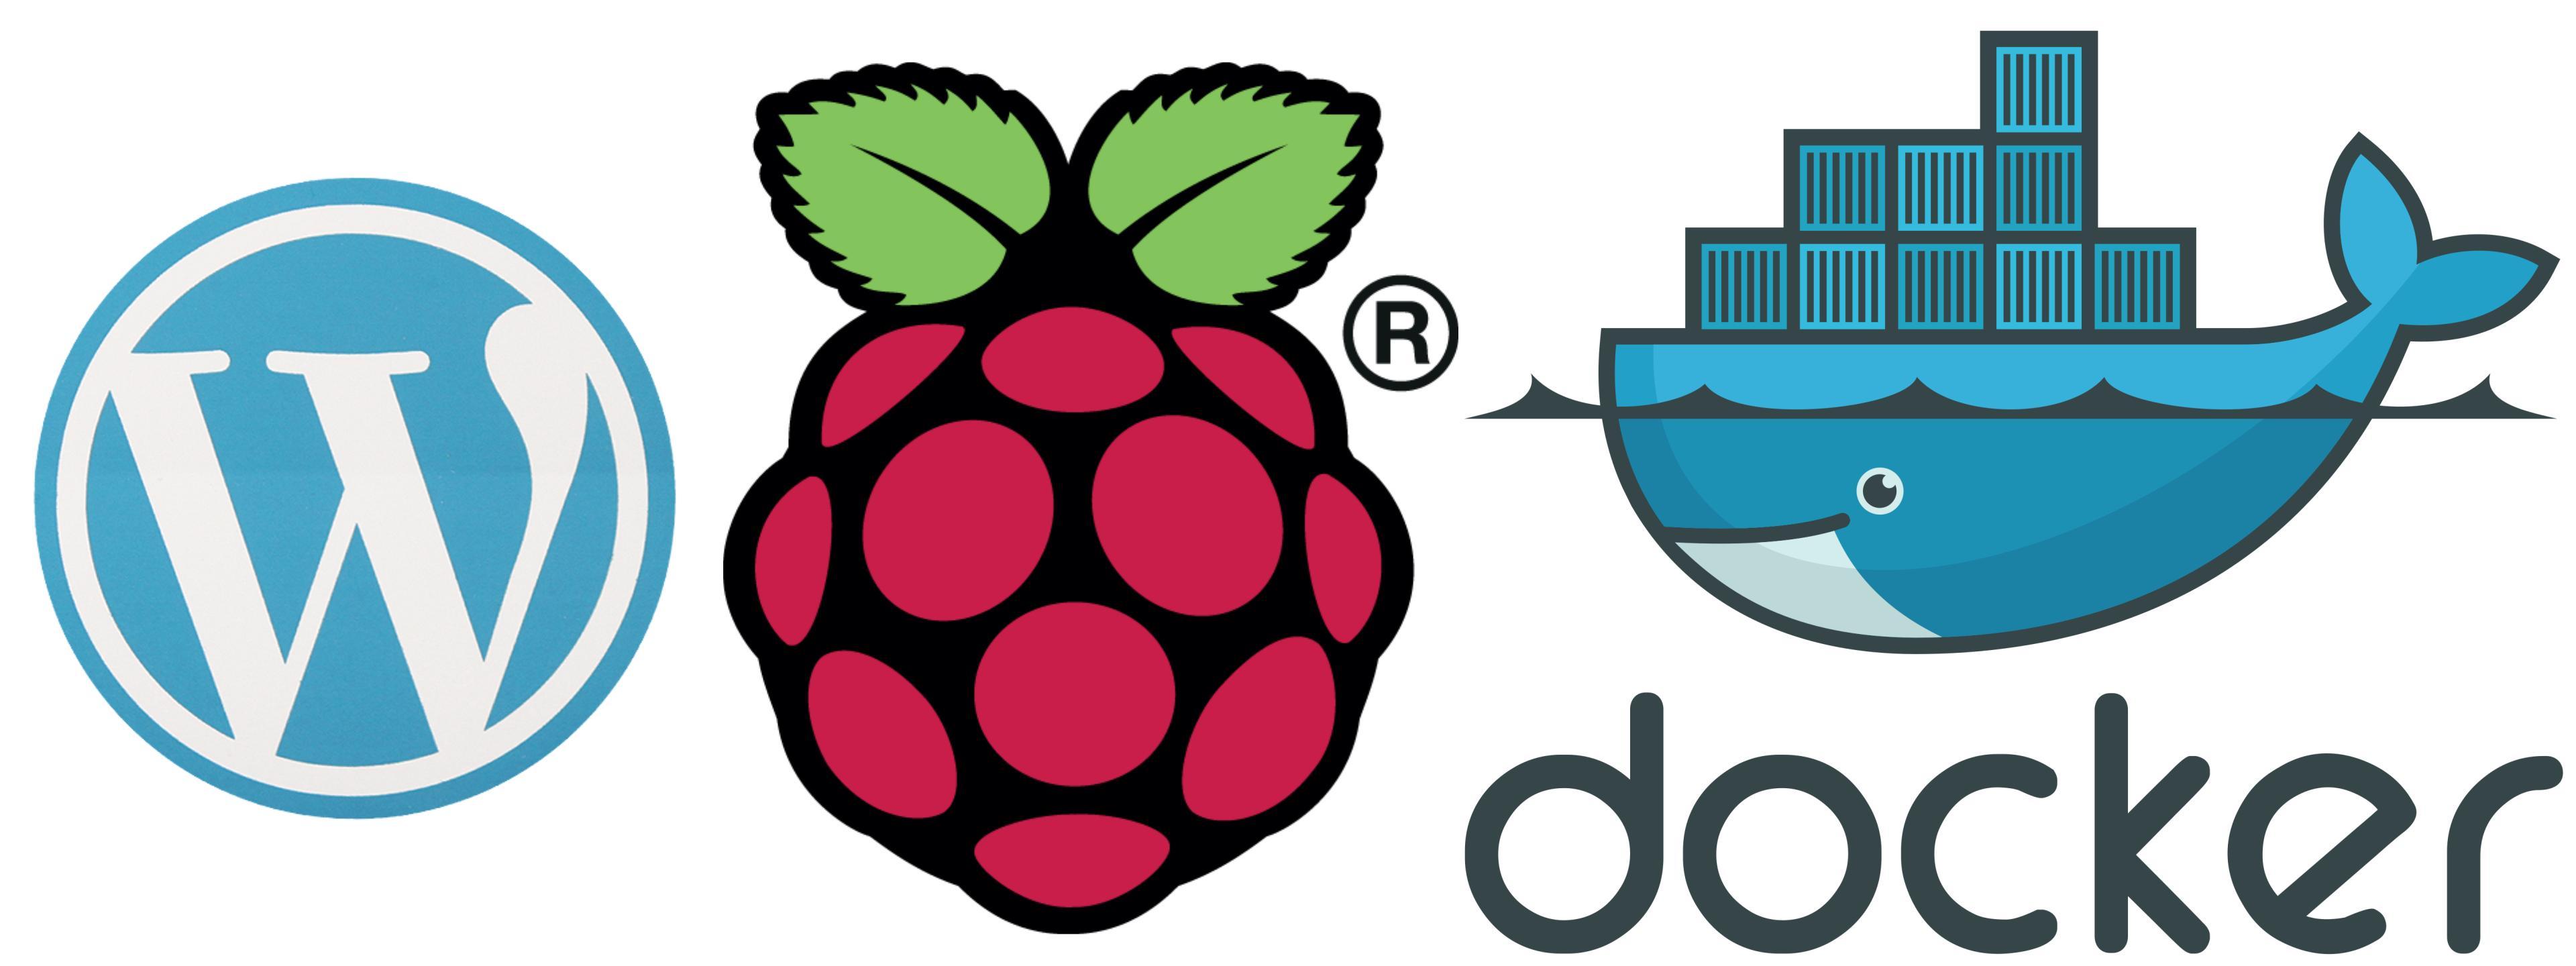 Installazione e configurazione di WordPress come container Docker su Raspberry Pi